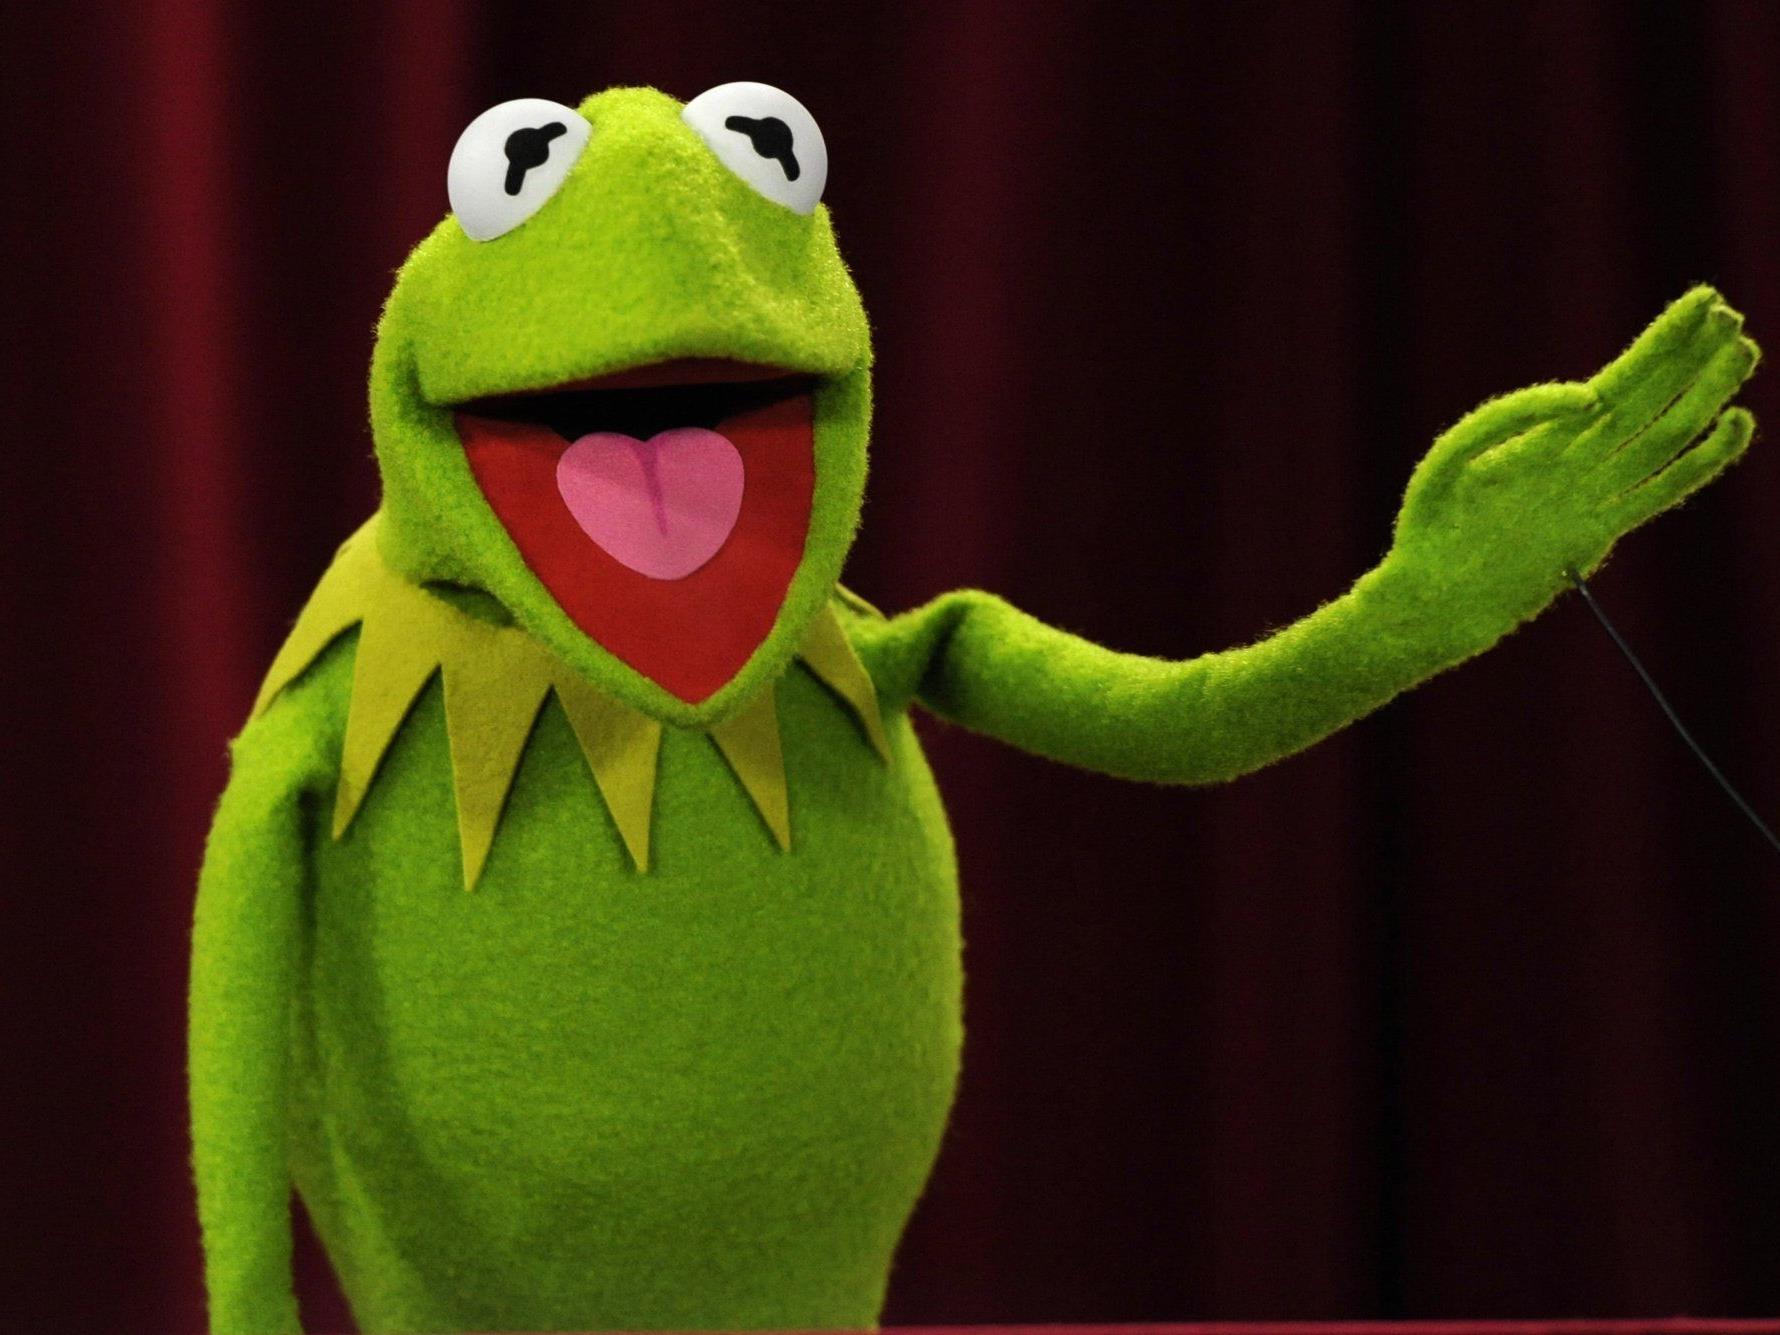 Kermit tut es den anderen amerikanischen Promis gleich. Er ist dem Fitness-Hype verfallen.